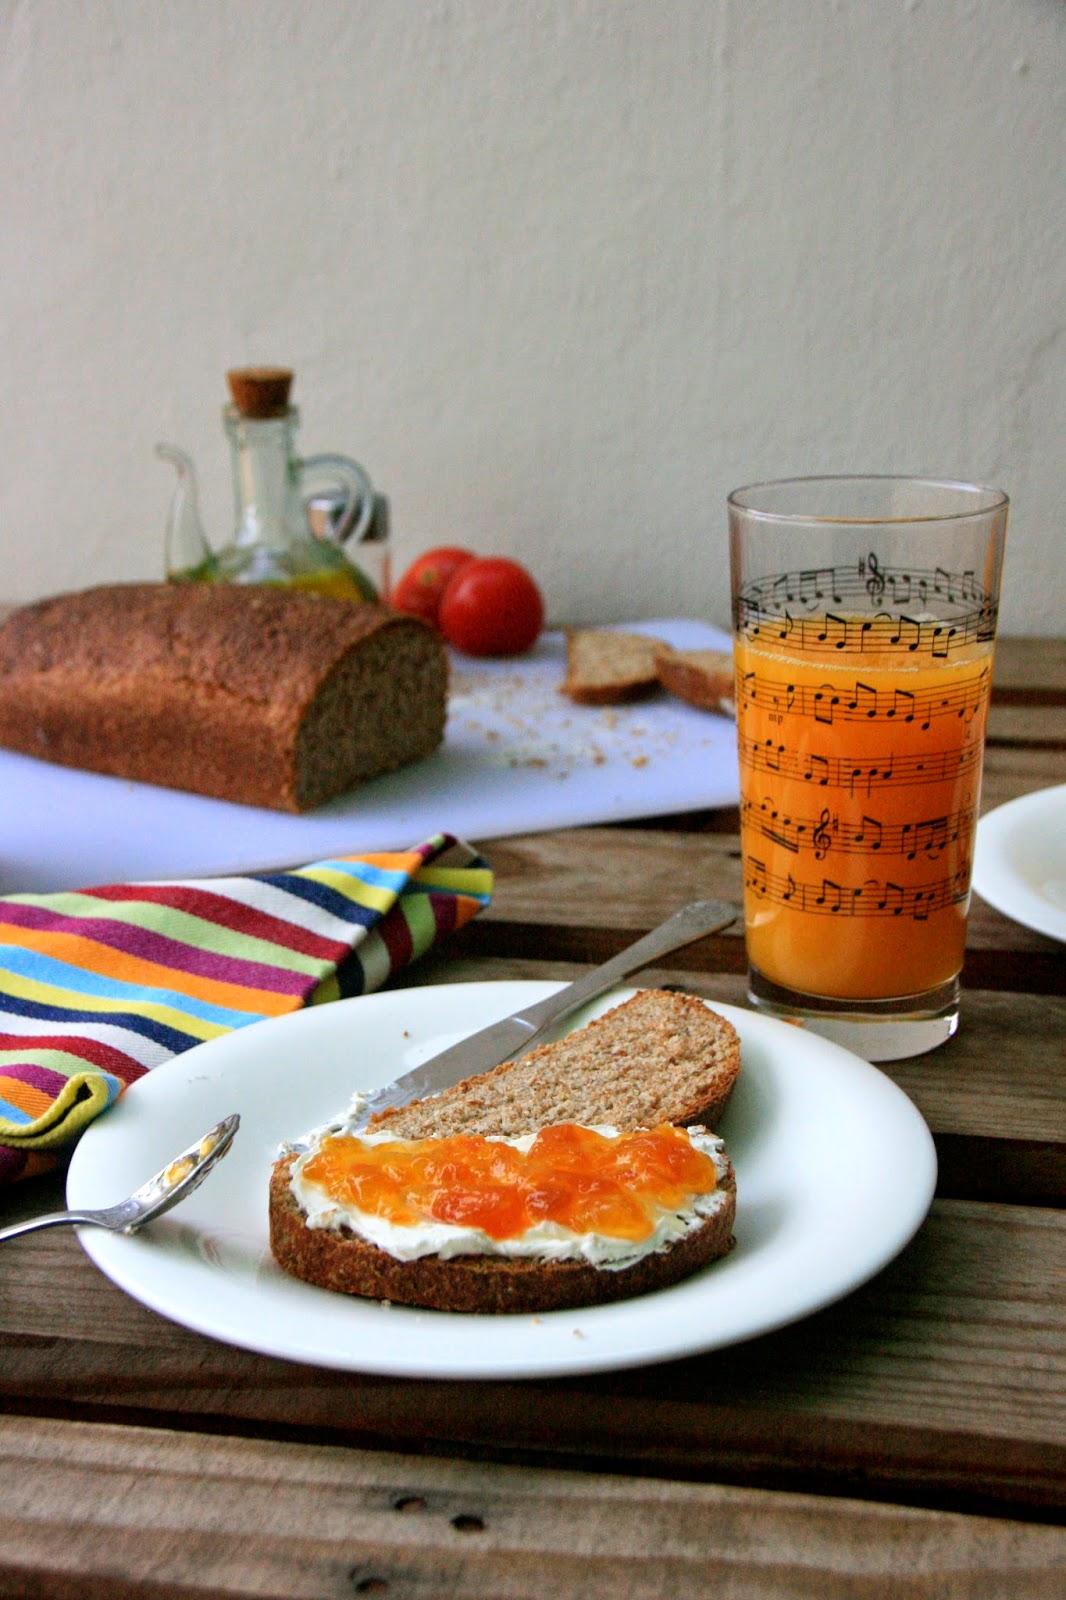 Desayuno dulce con pan de molde de salvado